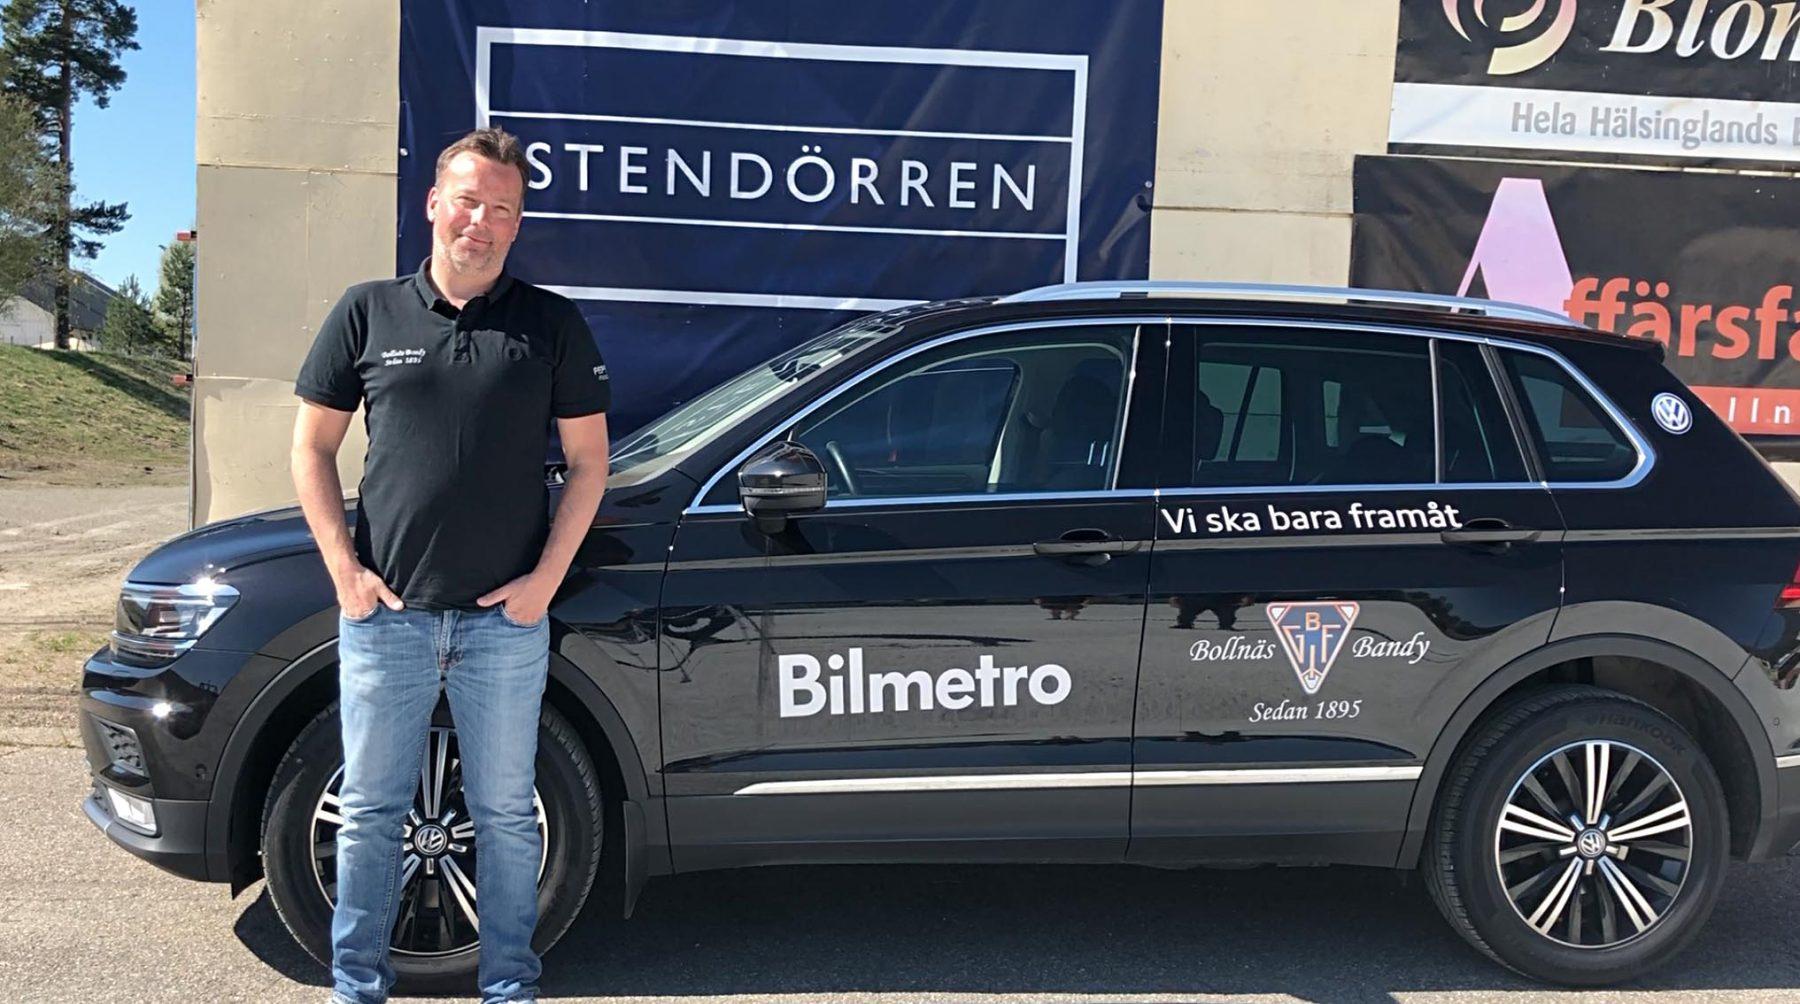 Svenne Olsson ny huvudtränare för Bollnäs